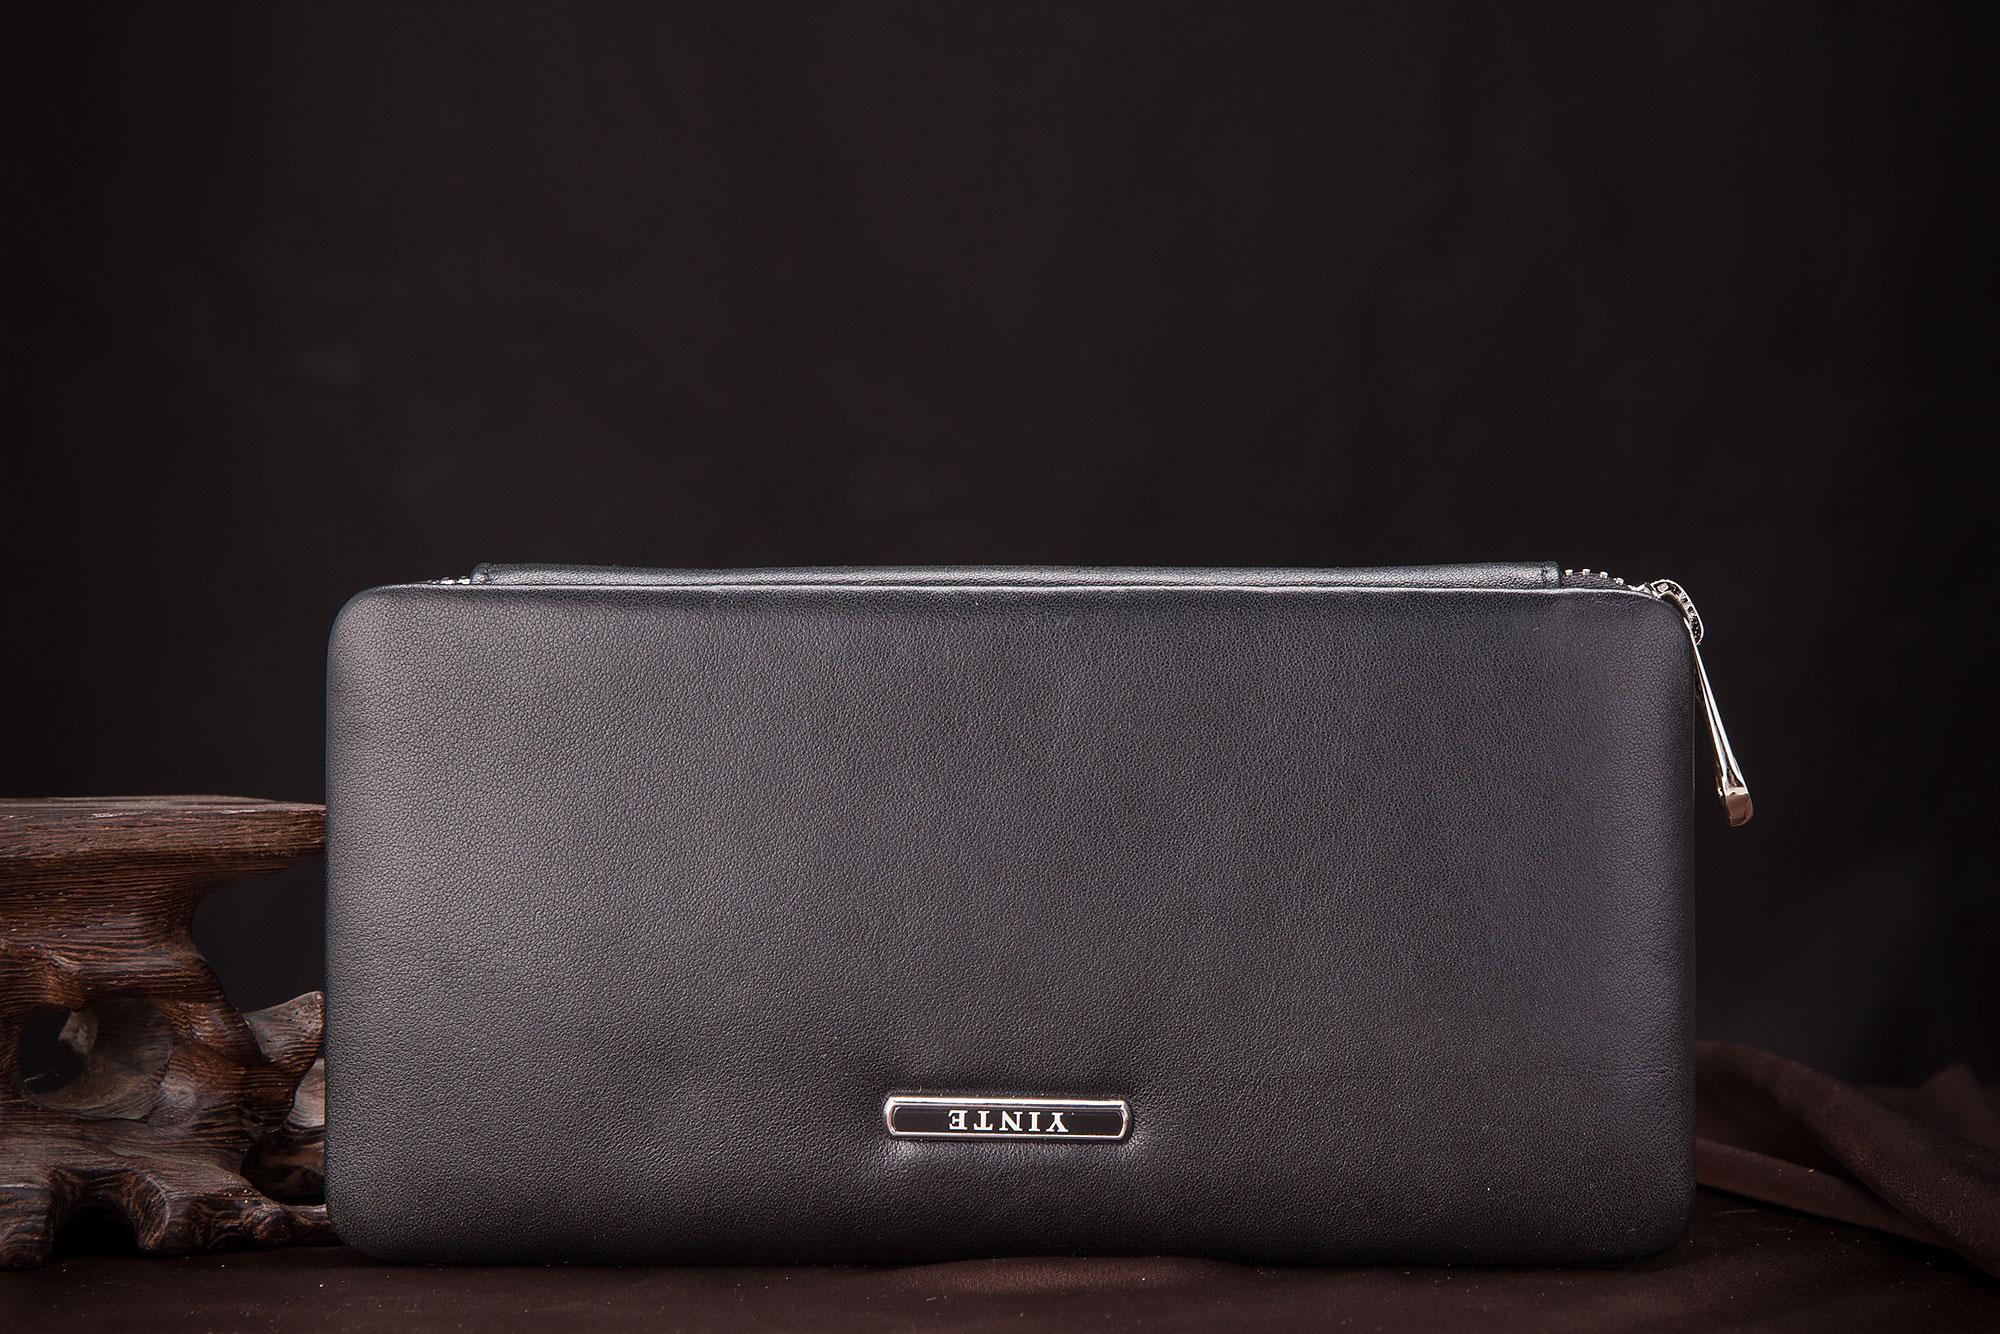 Tasche blue Wallet Echtem Wallet Mens brown Black Aus Reißverschluss Brieftasche Handtasche Telefon Vintage Marke Clutch Solide Yinte T1605 Leder Wallet Ein n7qRfUwxT